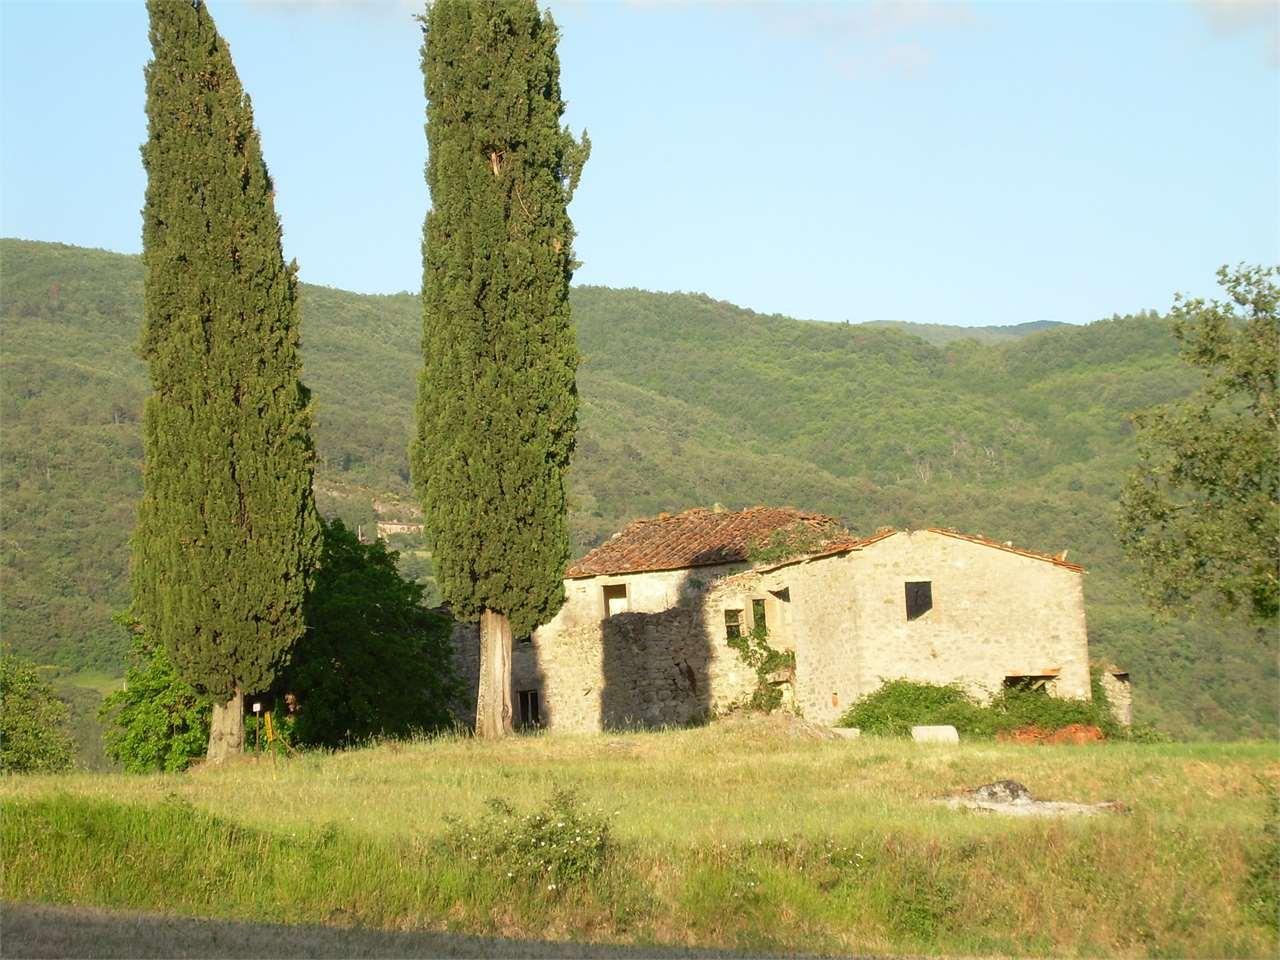 Rustico / Casale in vendita a Subbiano, 9999 locali, prezzo € 160.000 | Cambio Casa.it